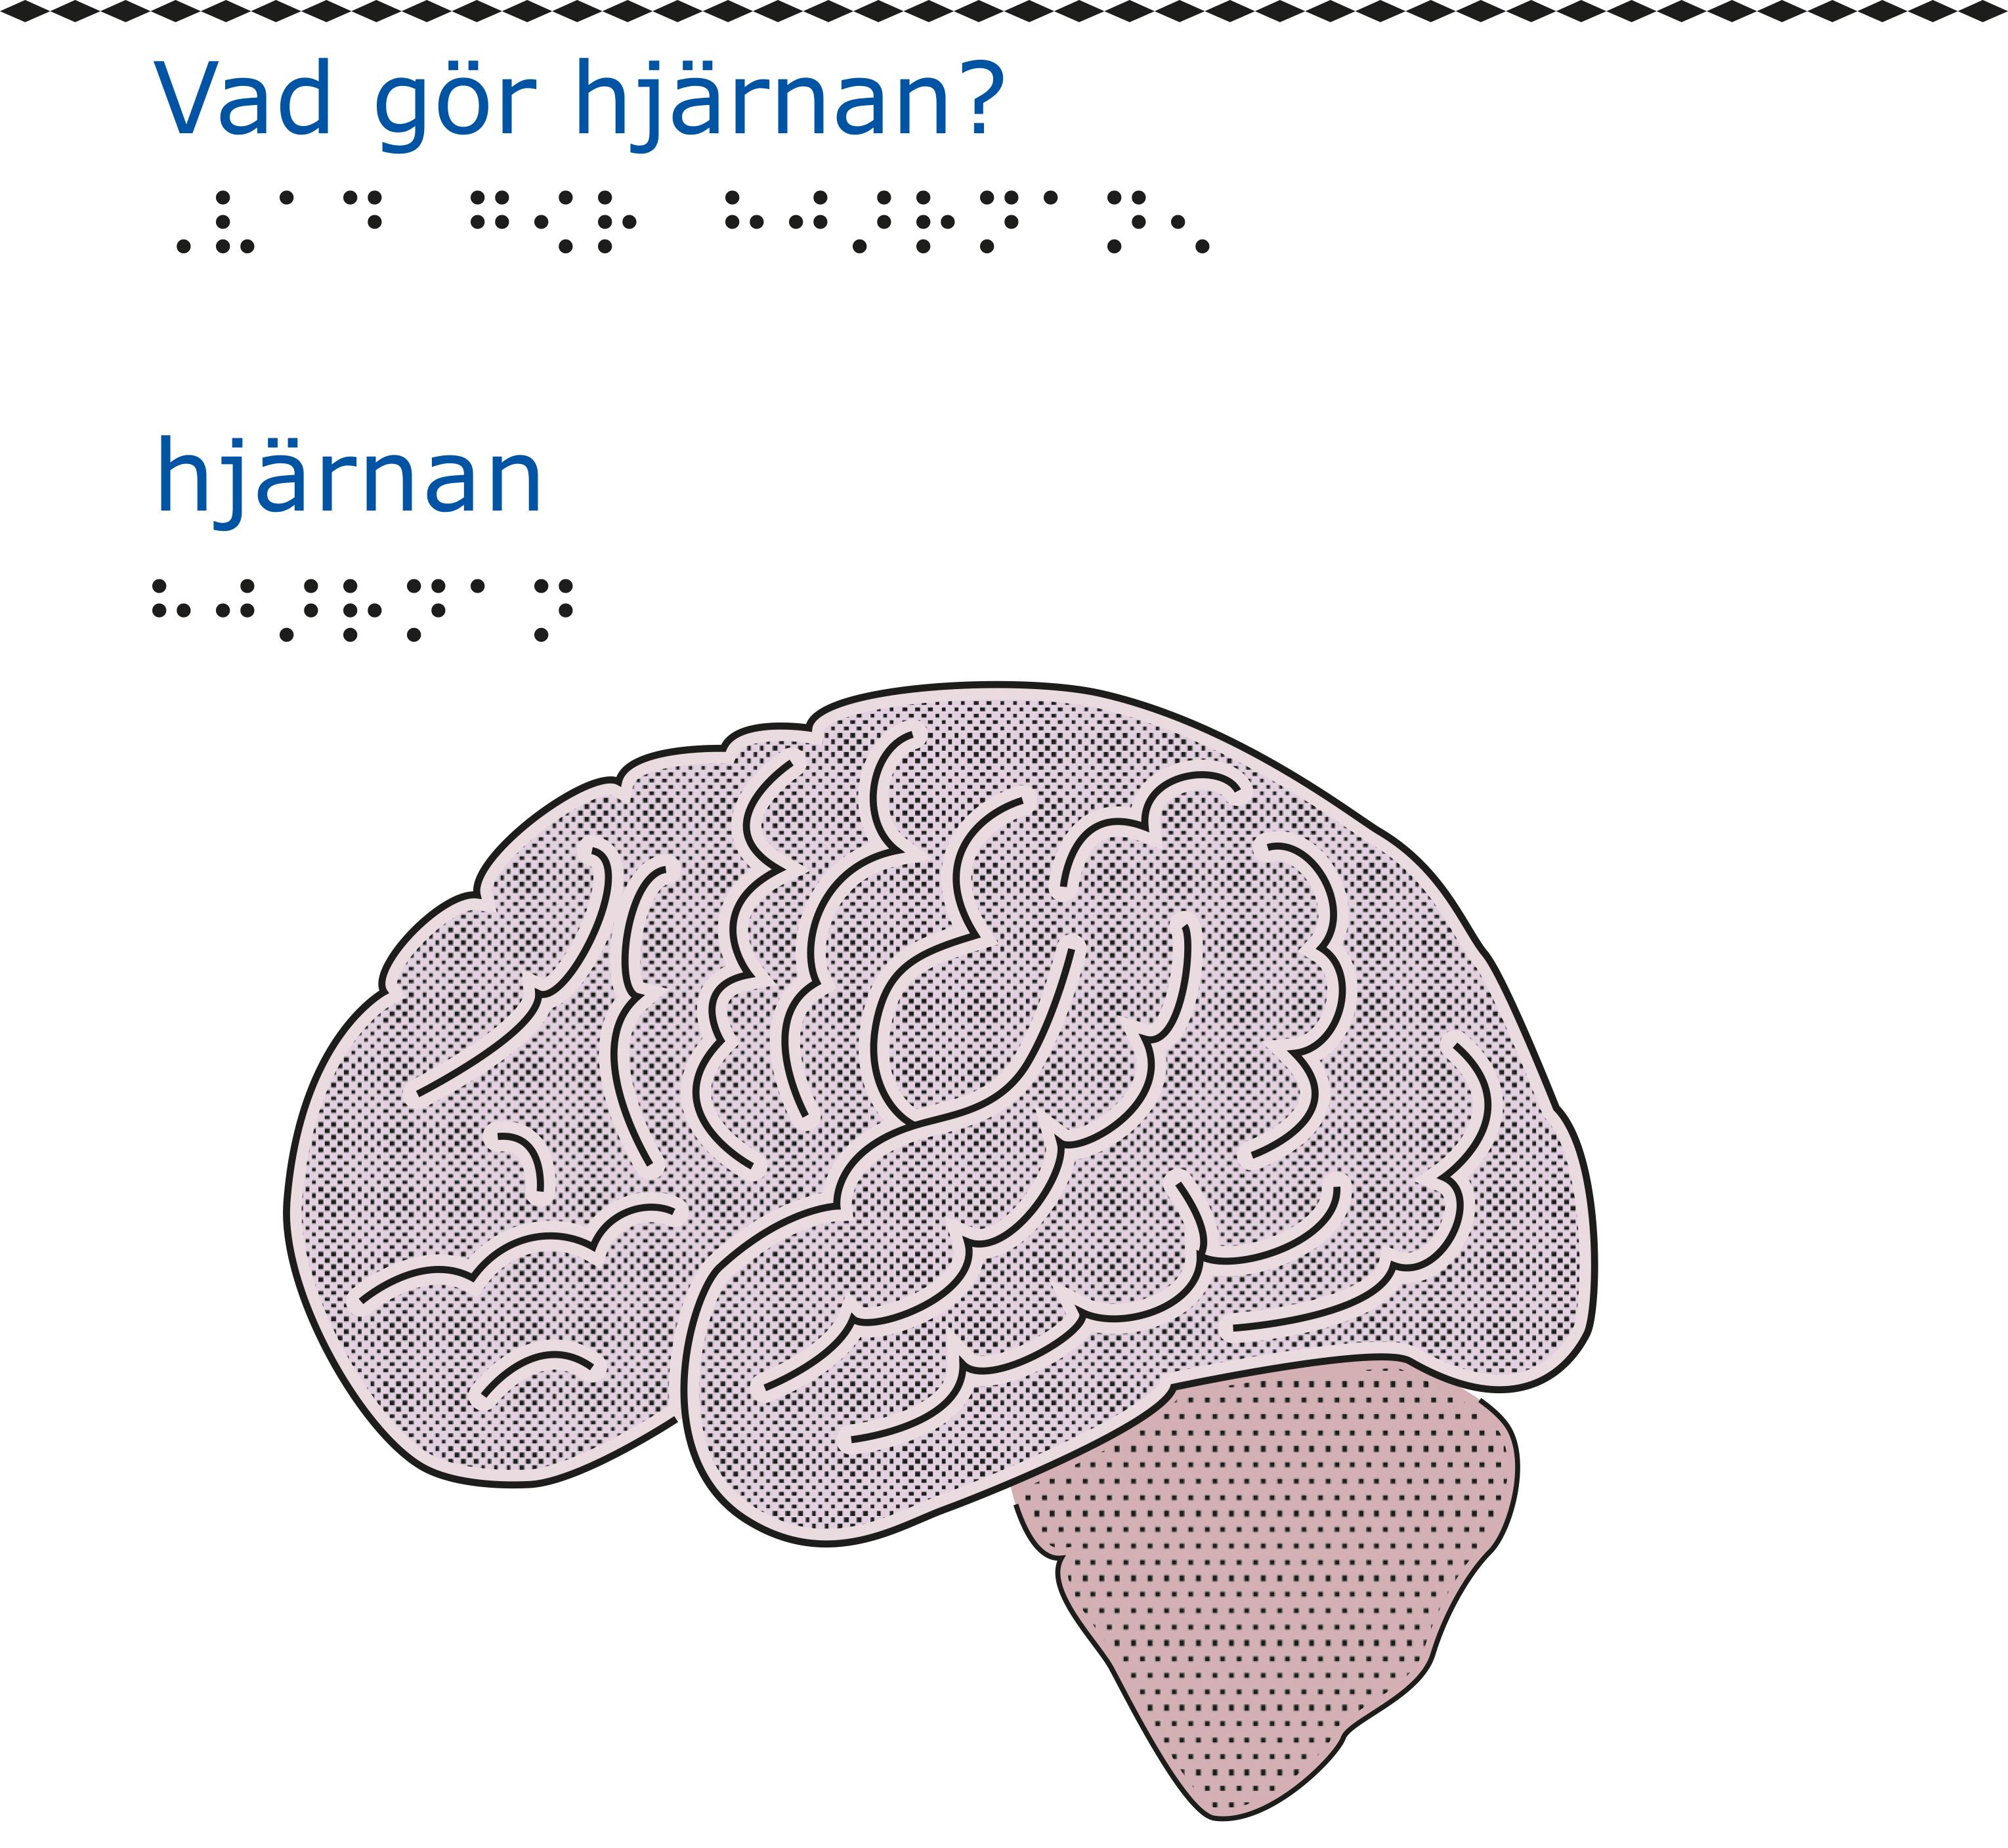 En hjärna sedd från sidan.